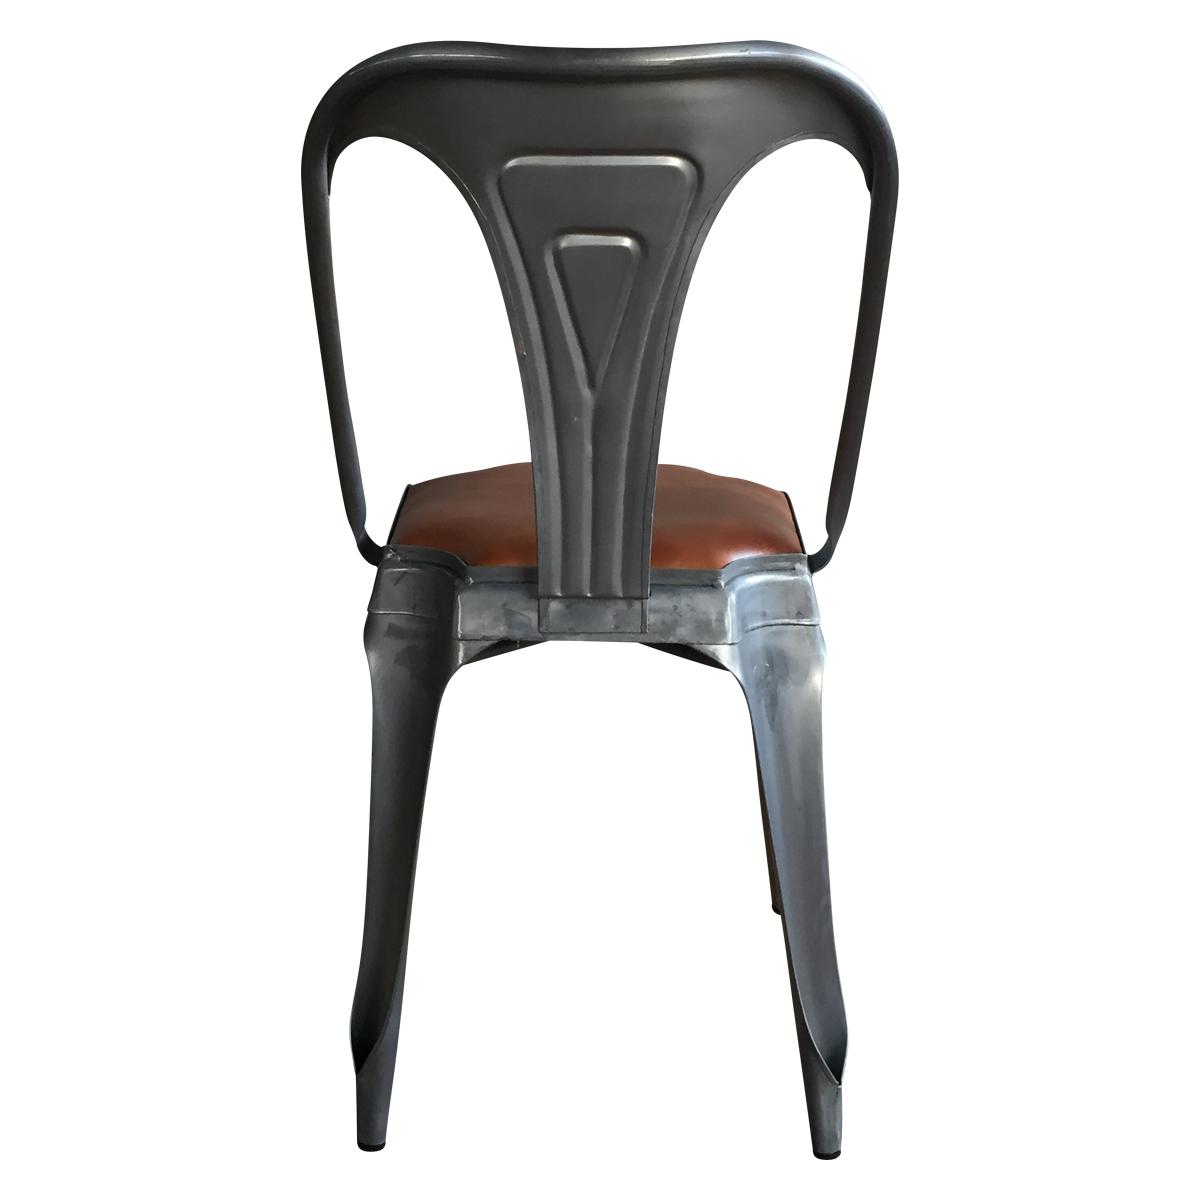 chaise style vintage industriel en m tal et cuir demeure et jardin. Black Bedroom Furniture Sets. Home Design Ideas